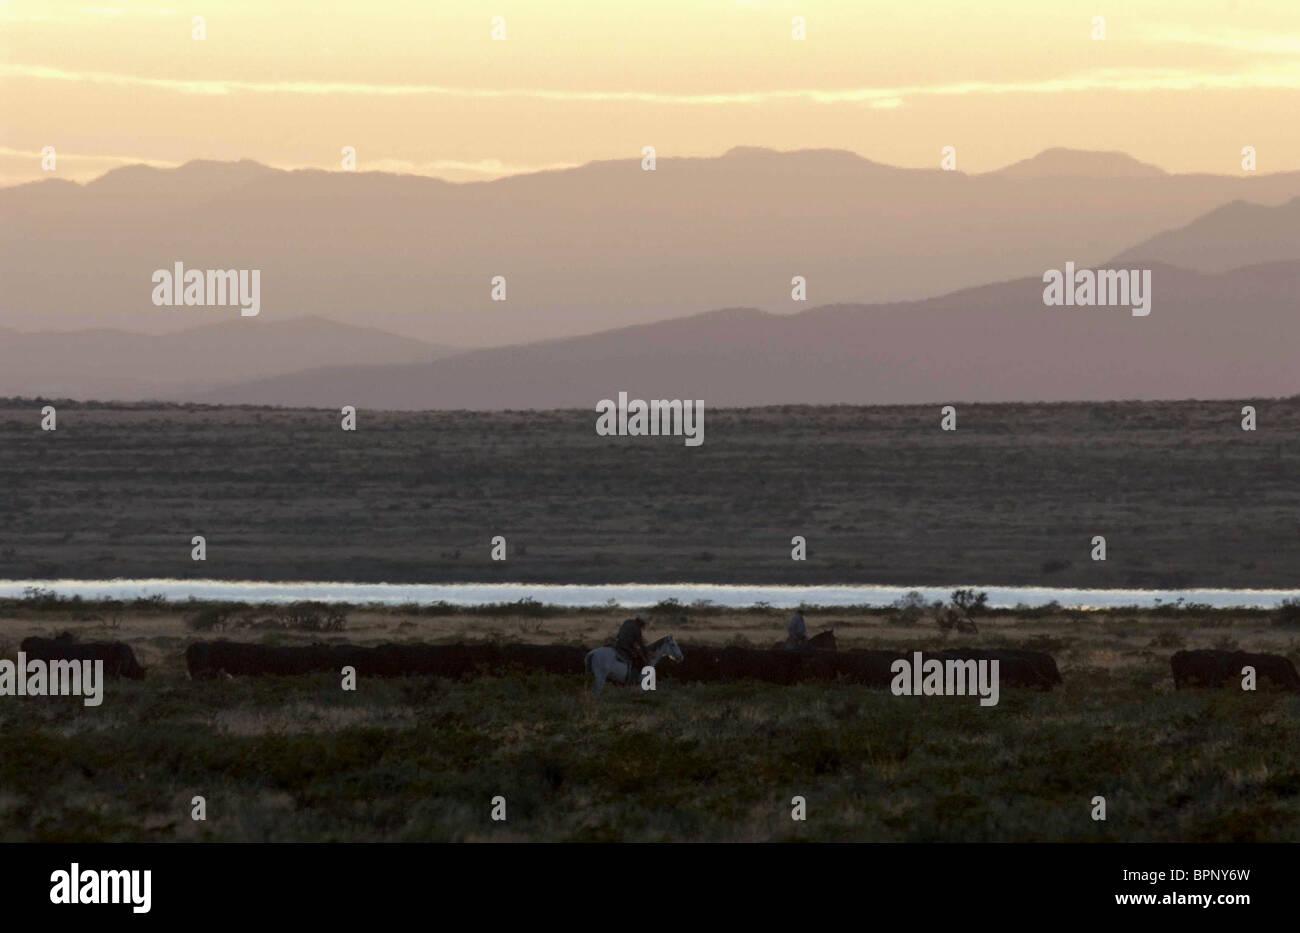 MEXICAN LANDSCAPE THE THREE BURIALS OF MELQUIADES ESTRADA; LOS TRES ENTIERROS DE MELQUIADES ESTRADA (2005) - Stock Image